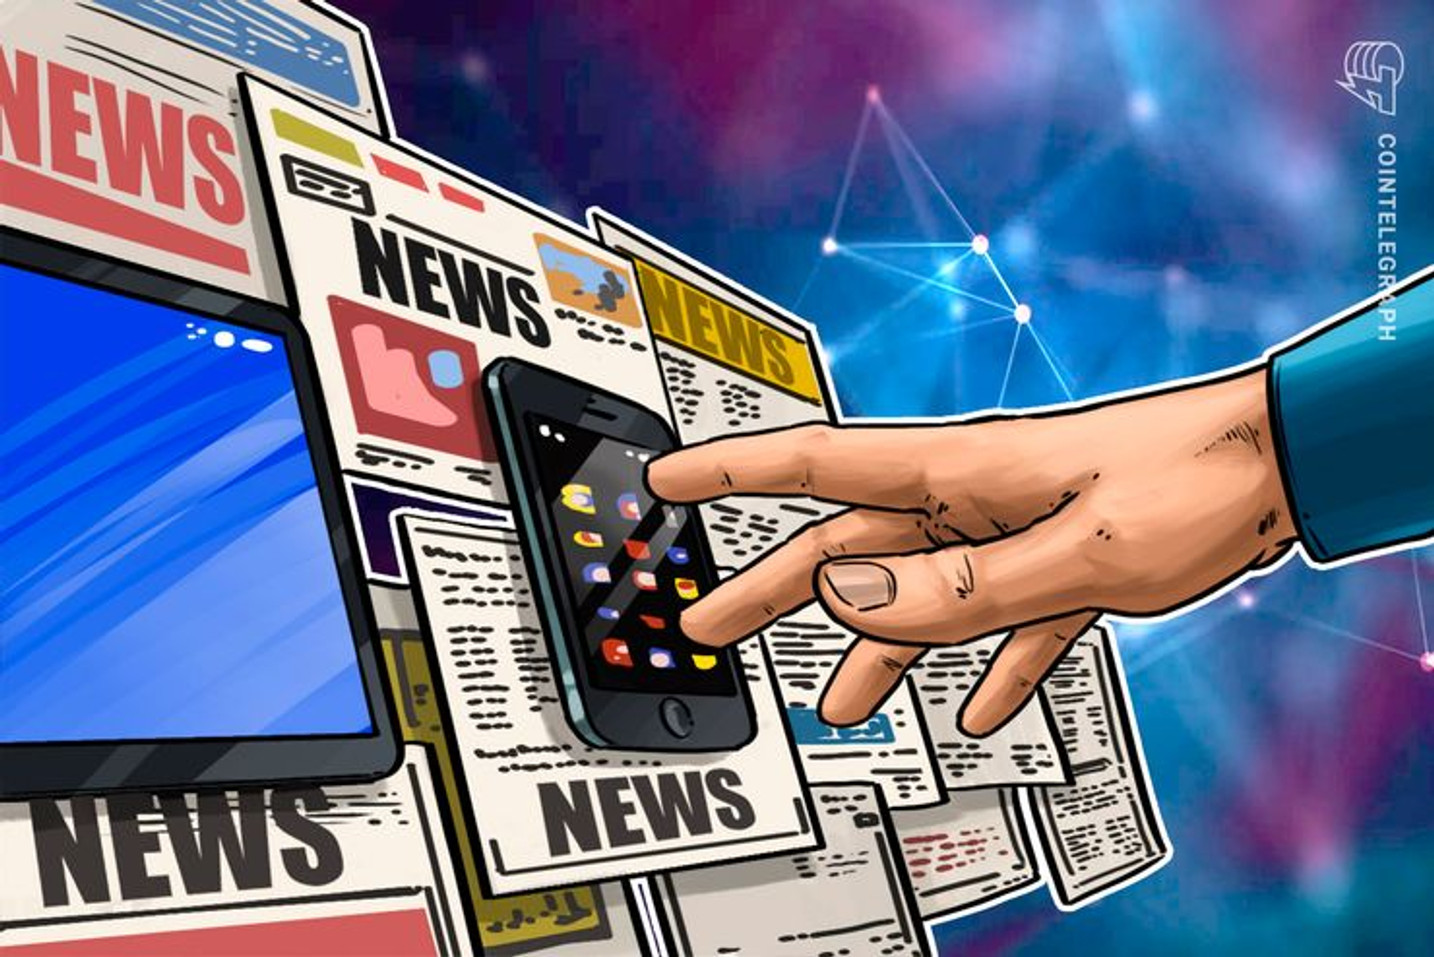 España: La Universidad Complutense será un lugar de debate sobre periodismo, comunicación y blockchain